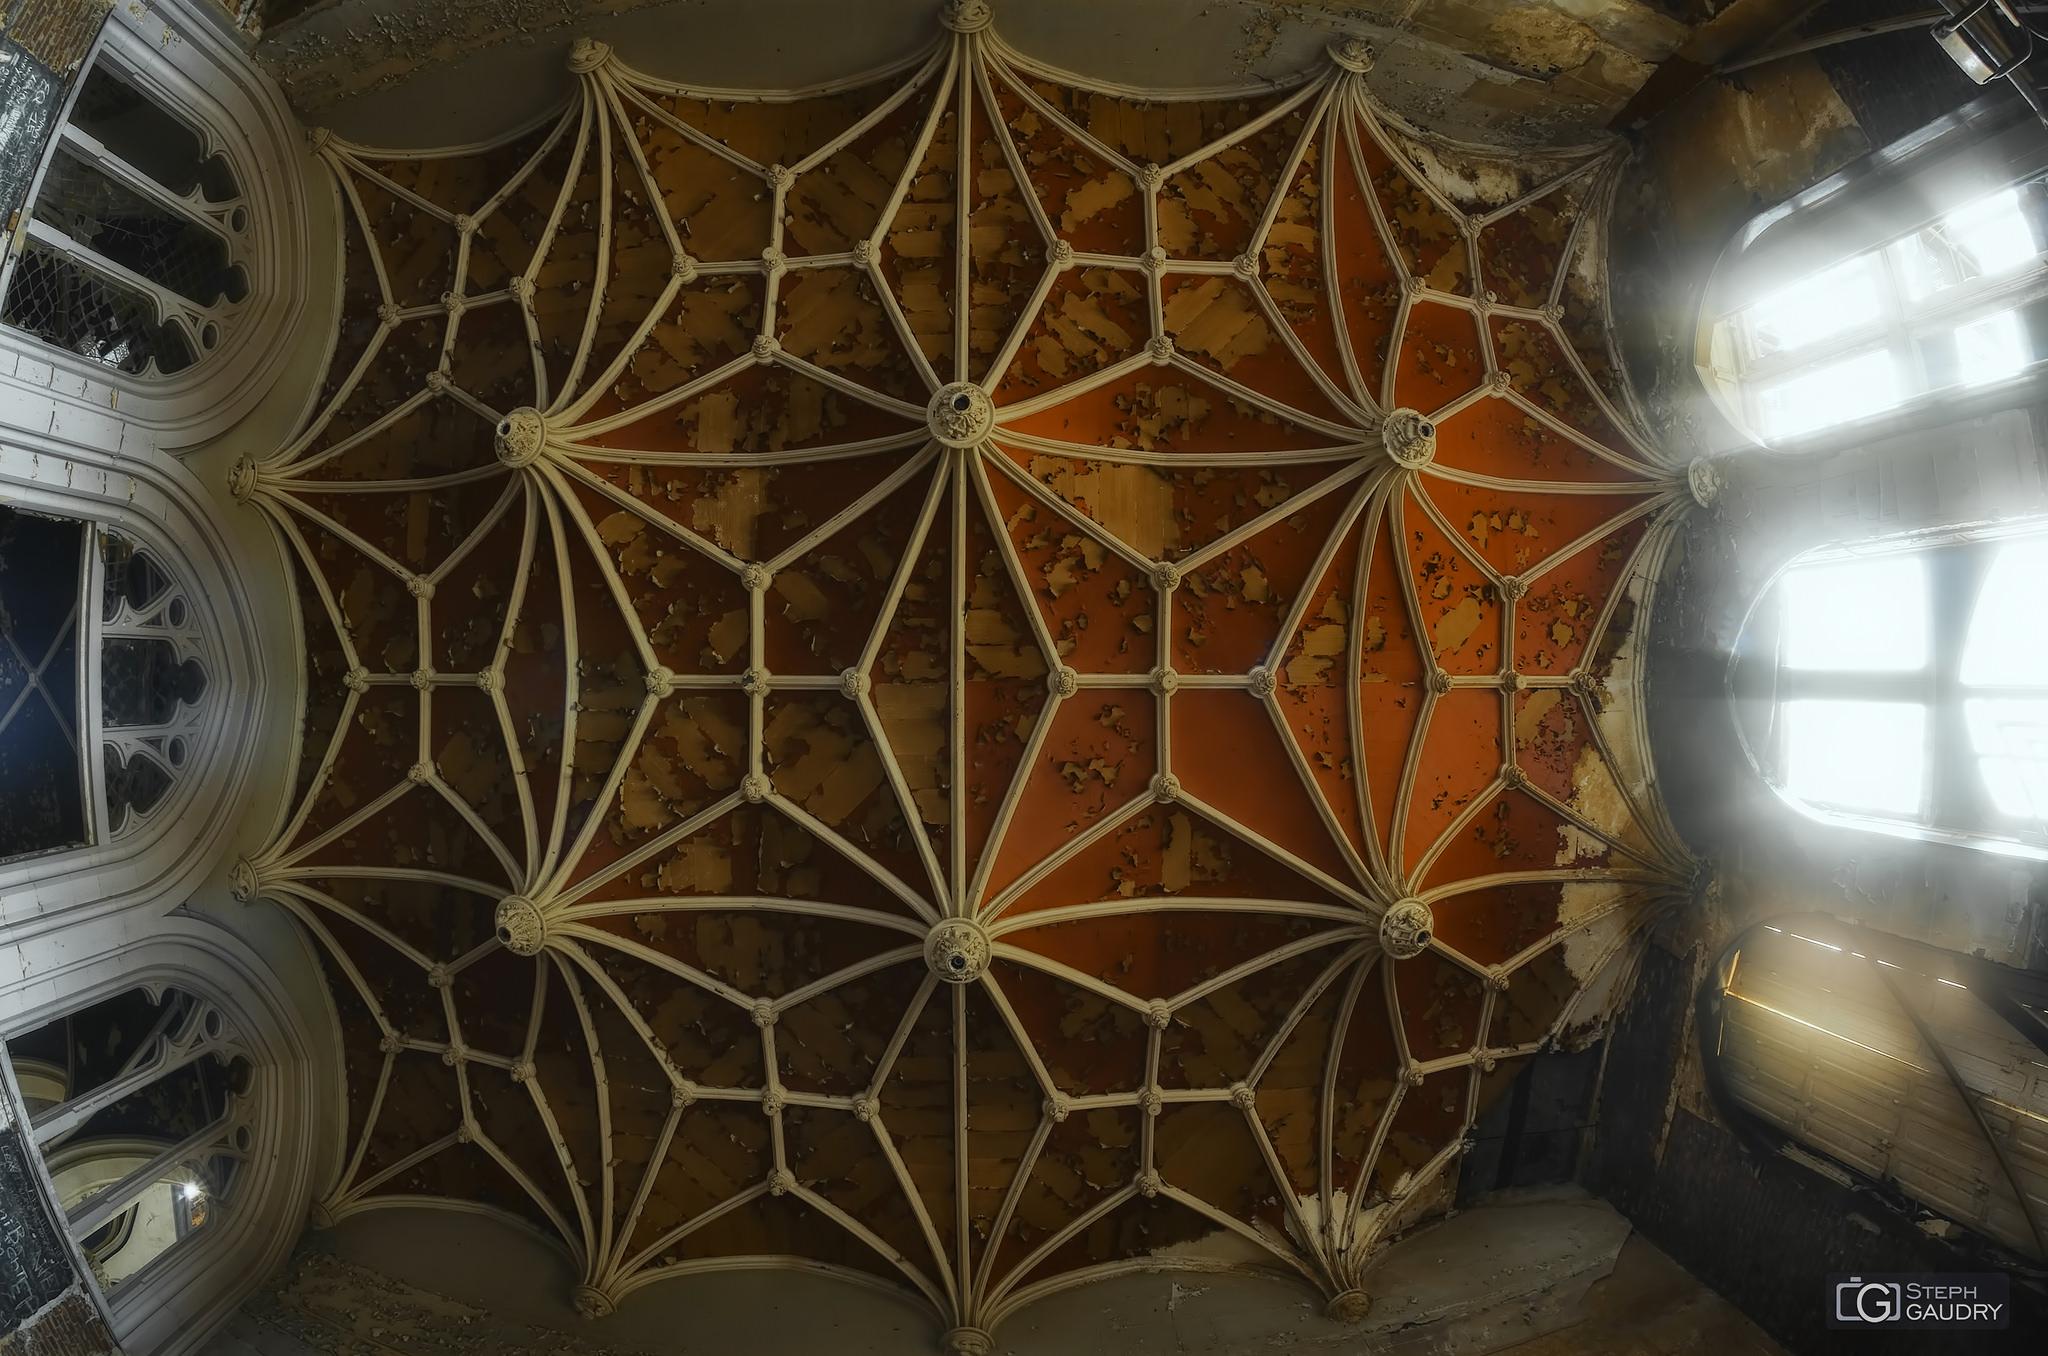 La toile d'araignée rouge [Cliquez pour lancer le diaporama]